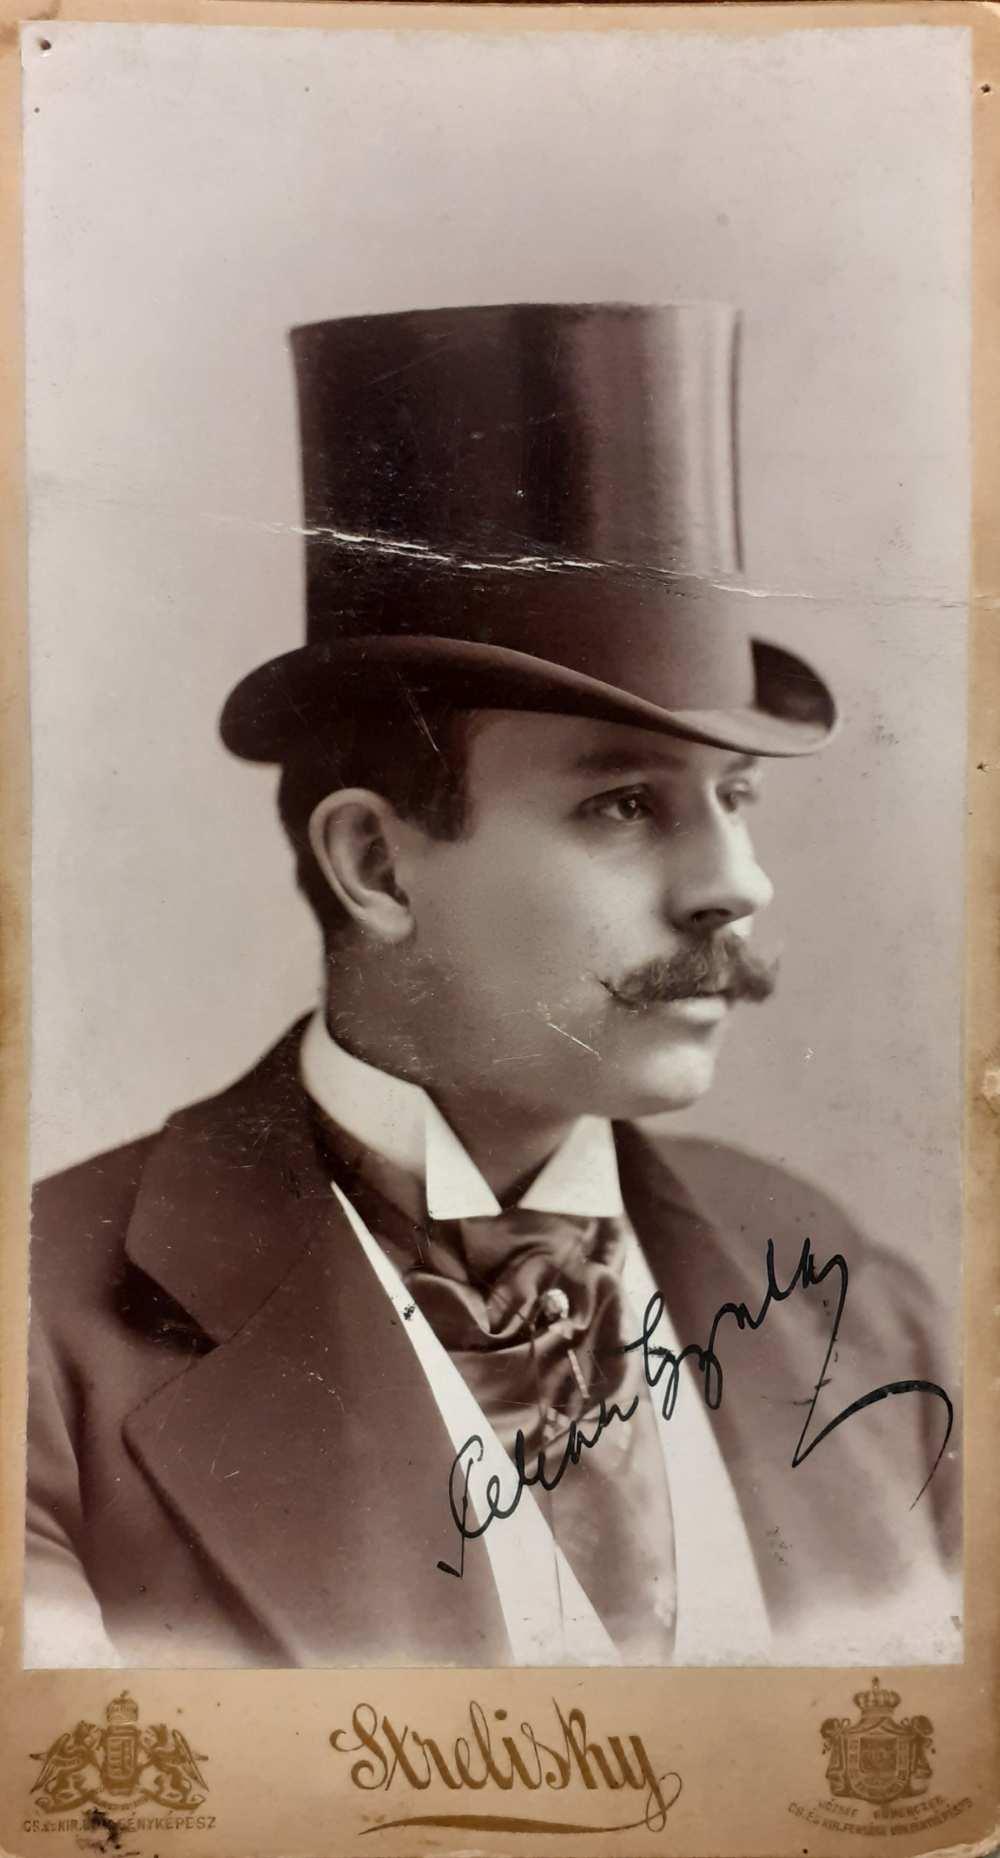 Pekár Gyula (1866–1937) – Strelinsky foto, Budapest, 1896. [NSz] KB P. 87. – Színháztörténeti és Zeneműtár